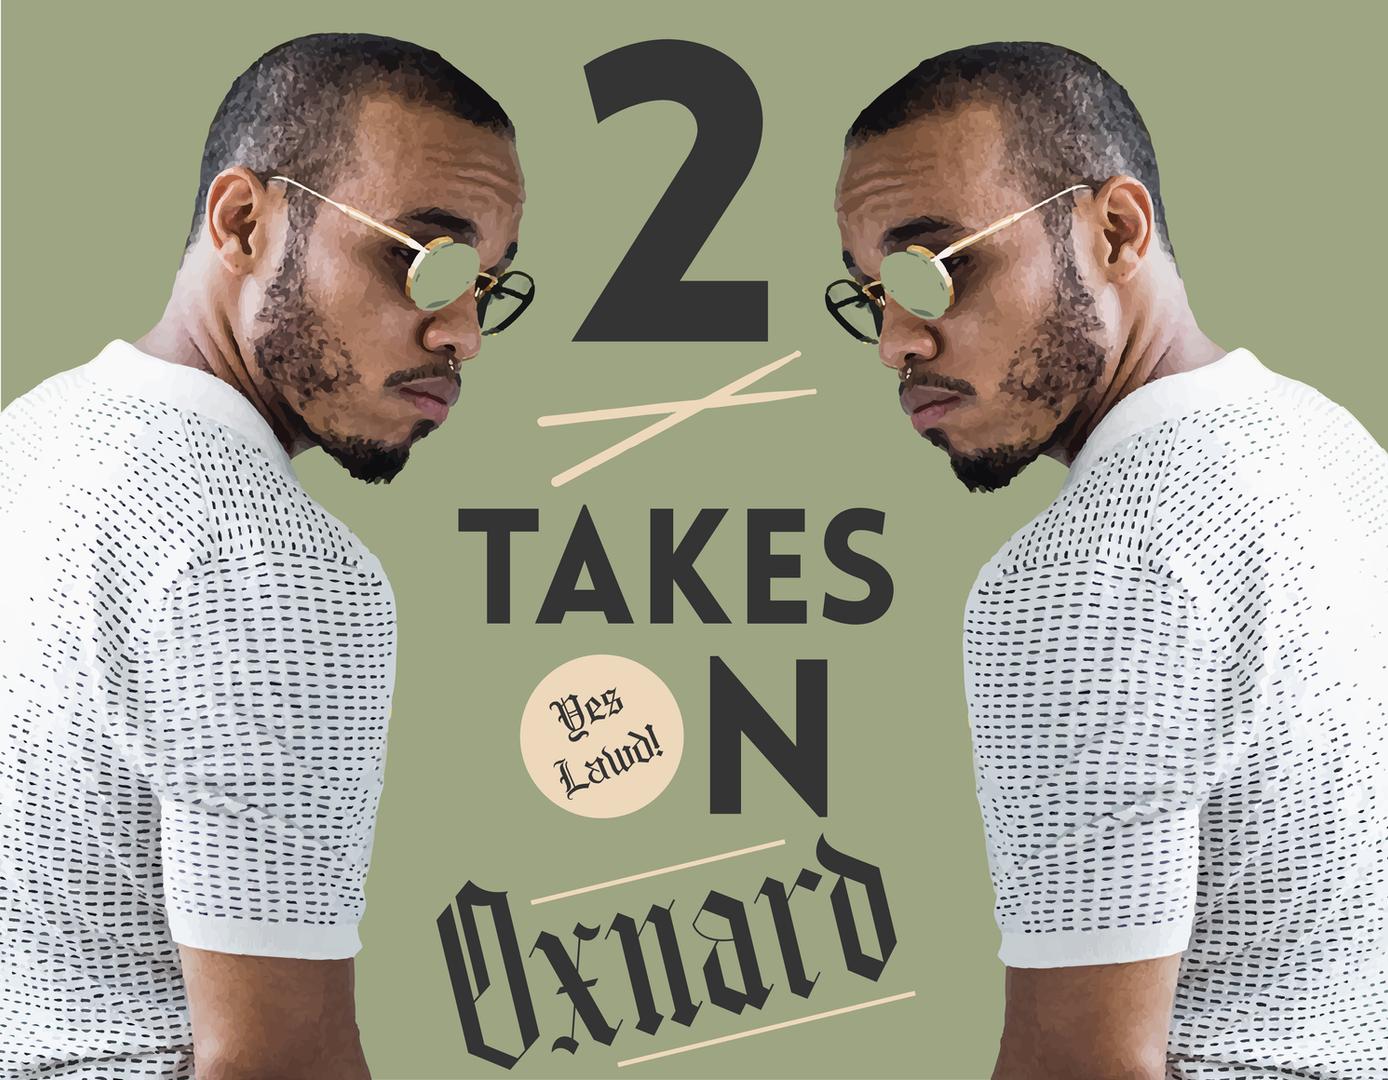 2 Takes on Oxnard